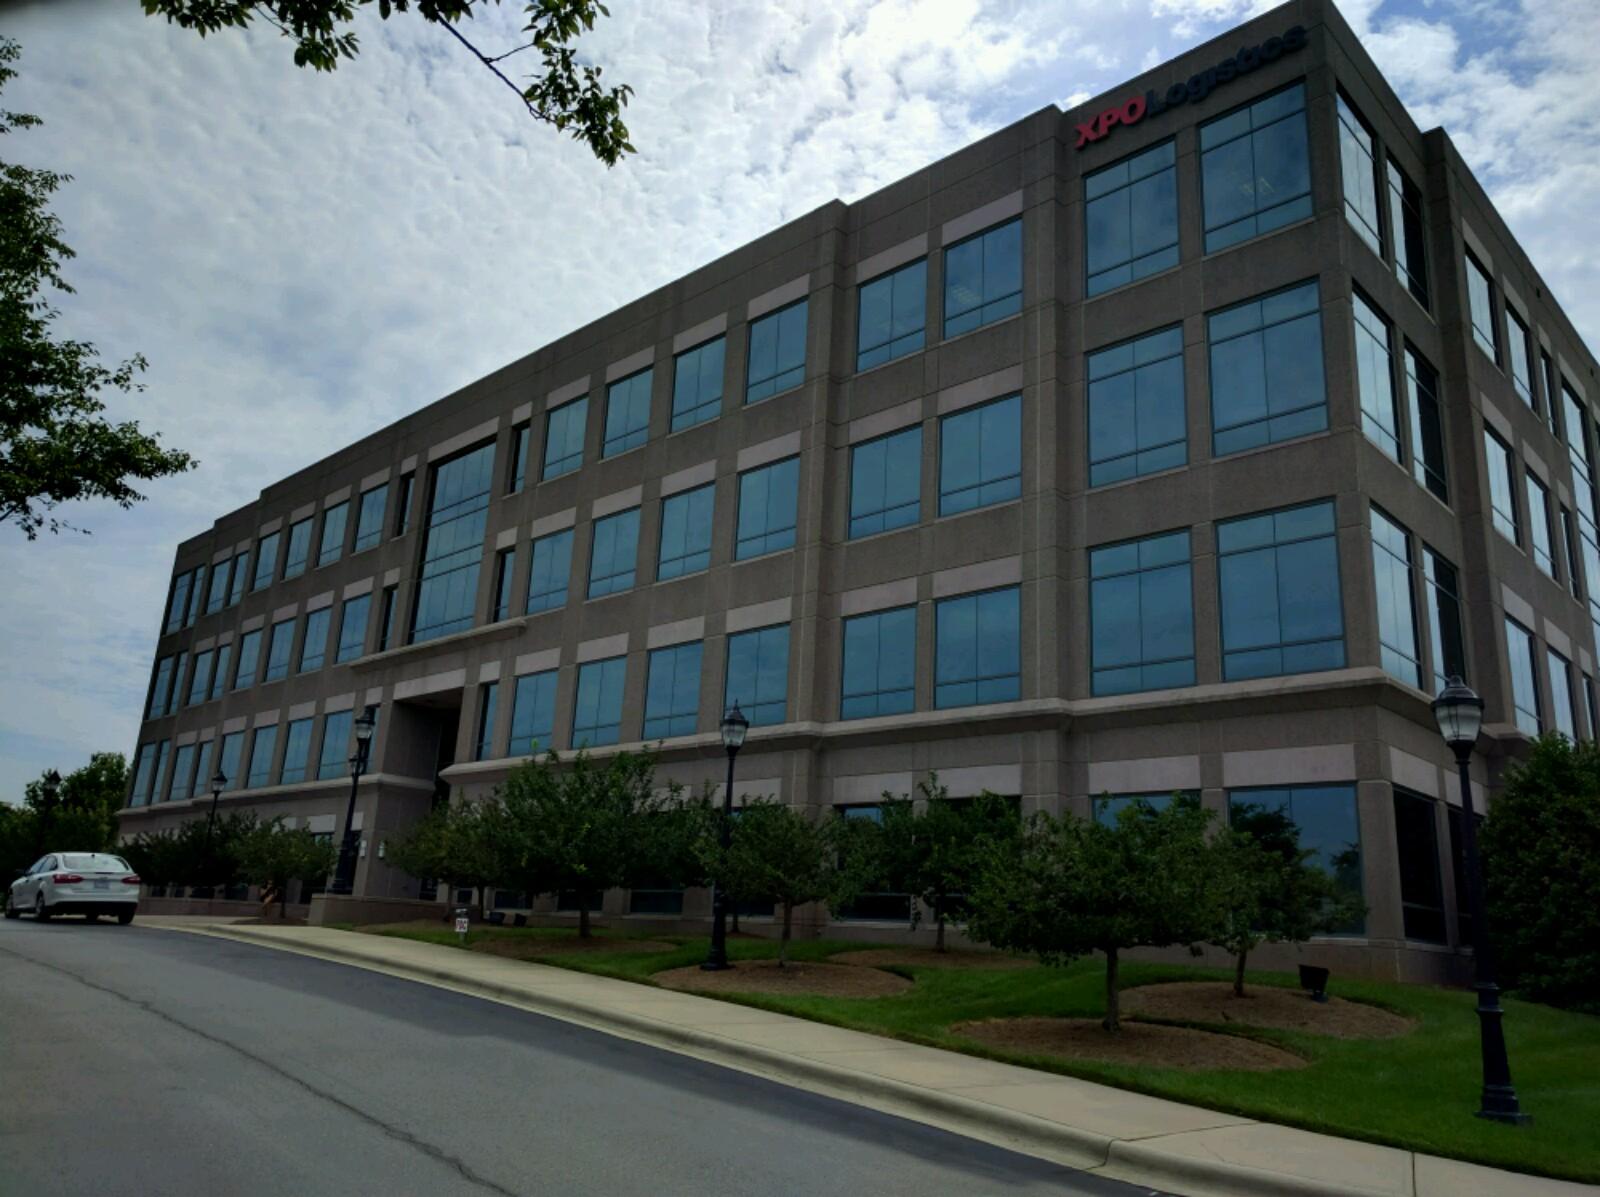 XPO office in Charlotte, North Carolina.